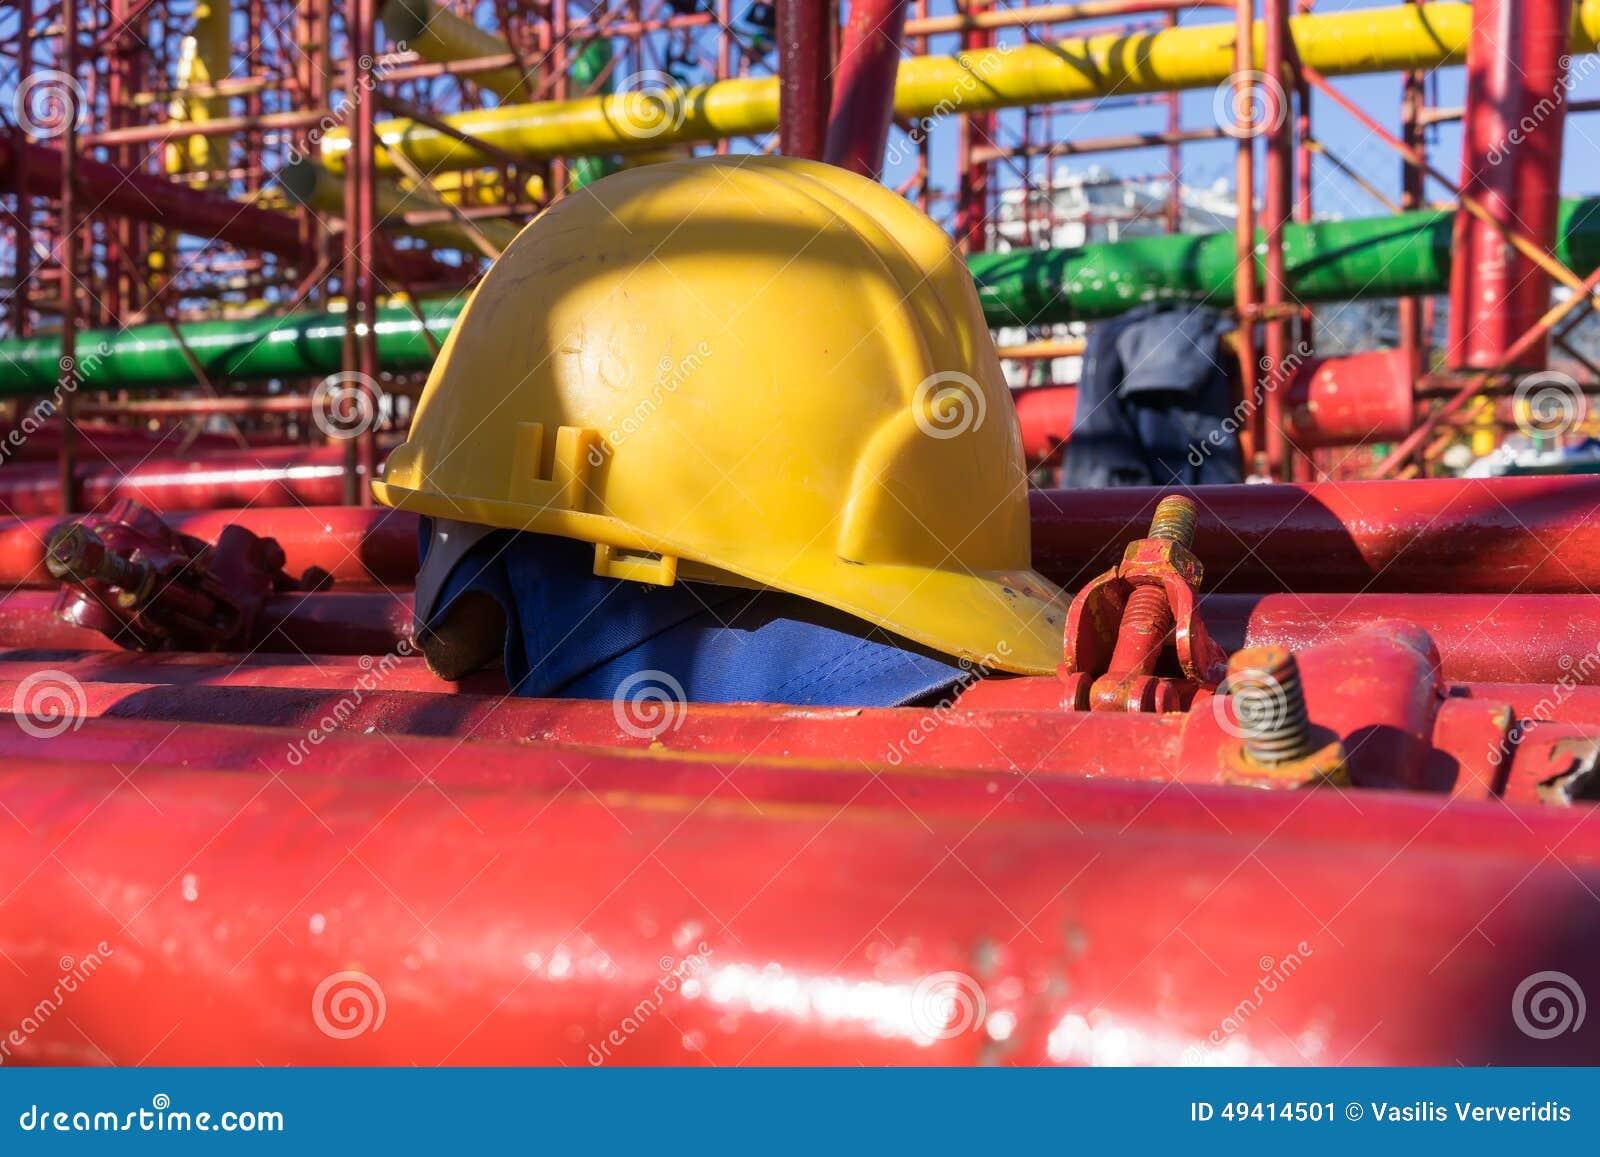 Download Gelber Hardhat Auf Baustelle Stockbild - Bild von erbauer, sicherheit: 49414501